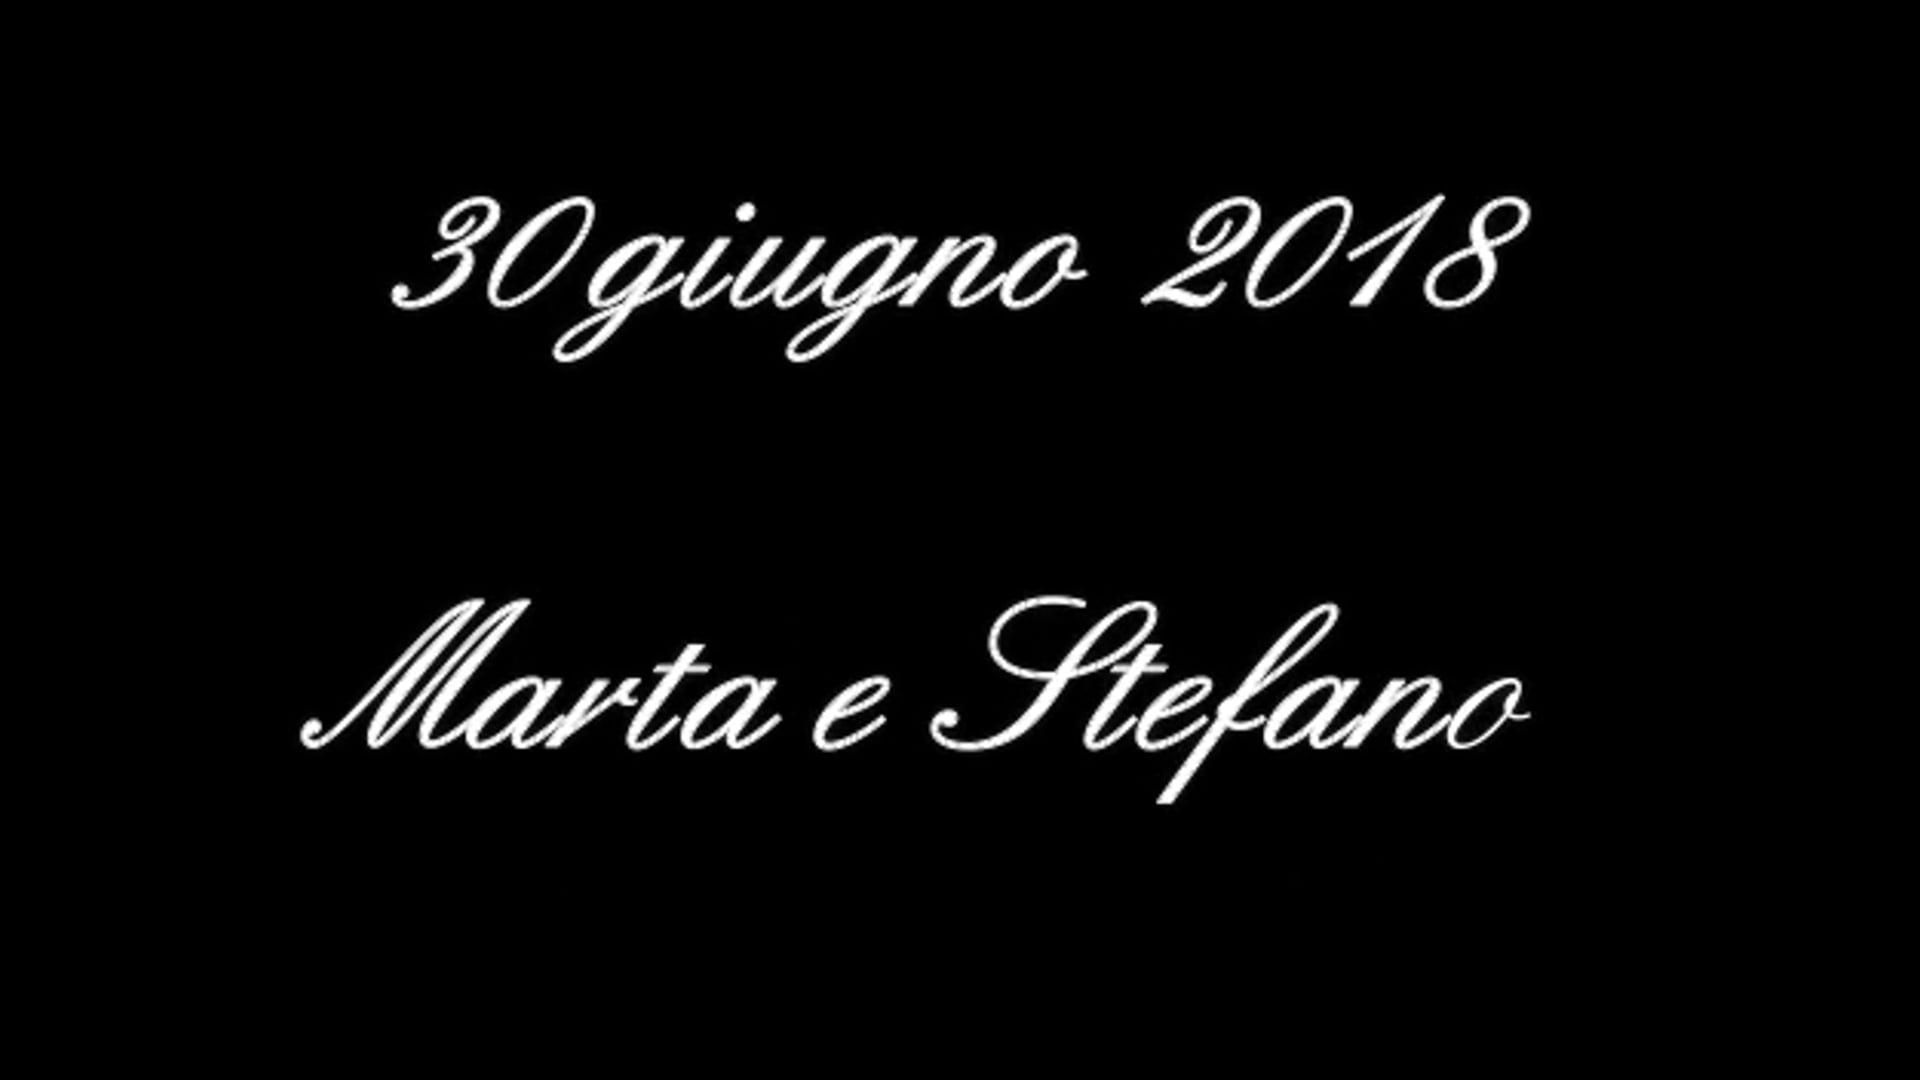 2018 - Marta e Stefano Milano